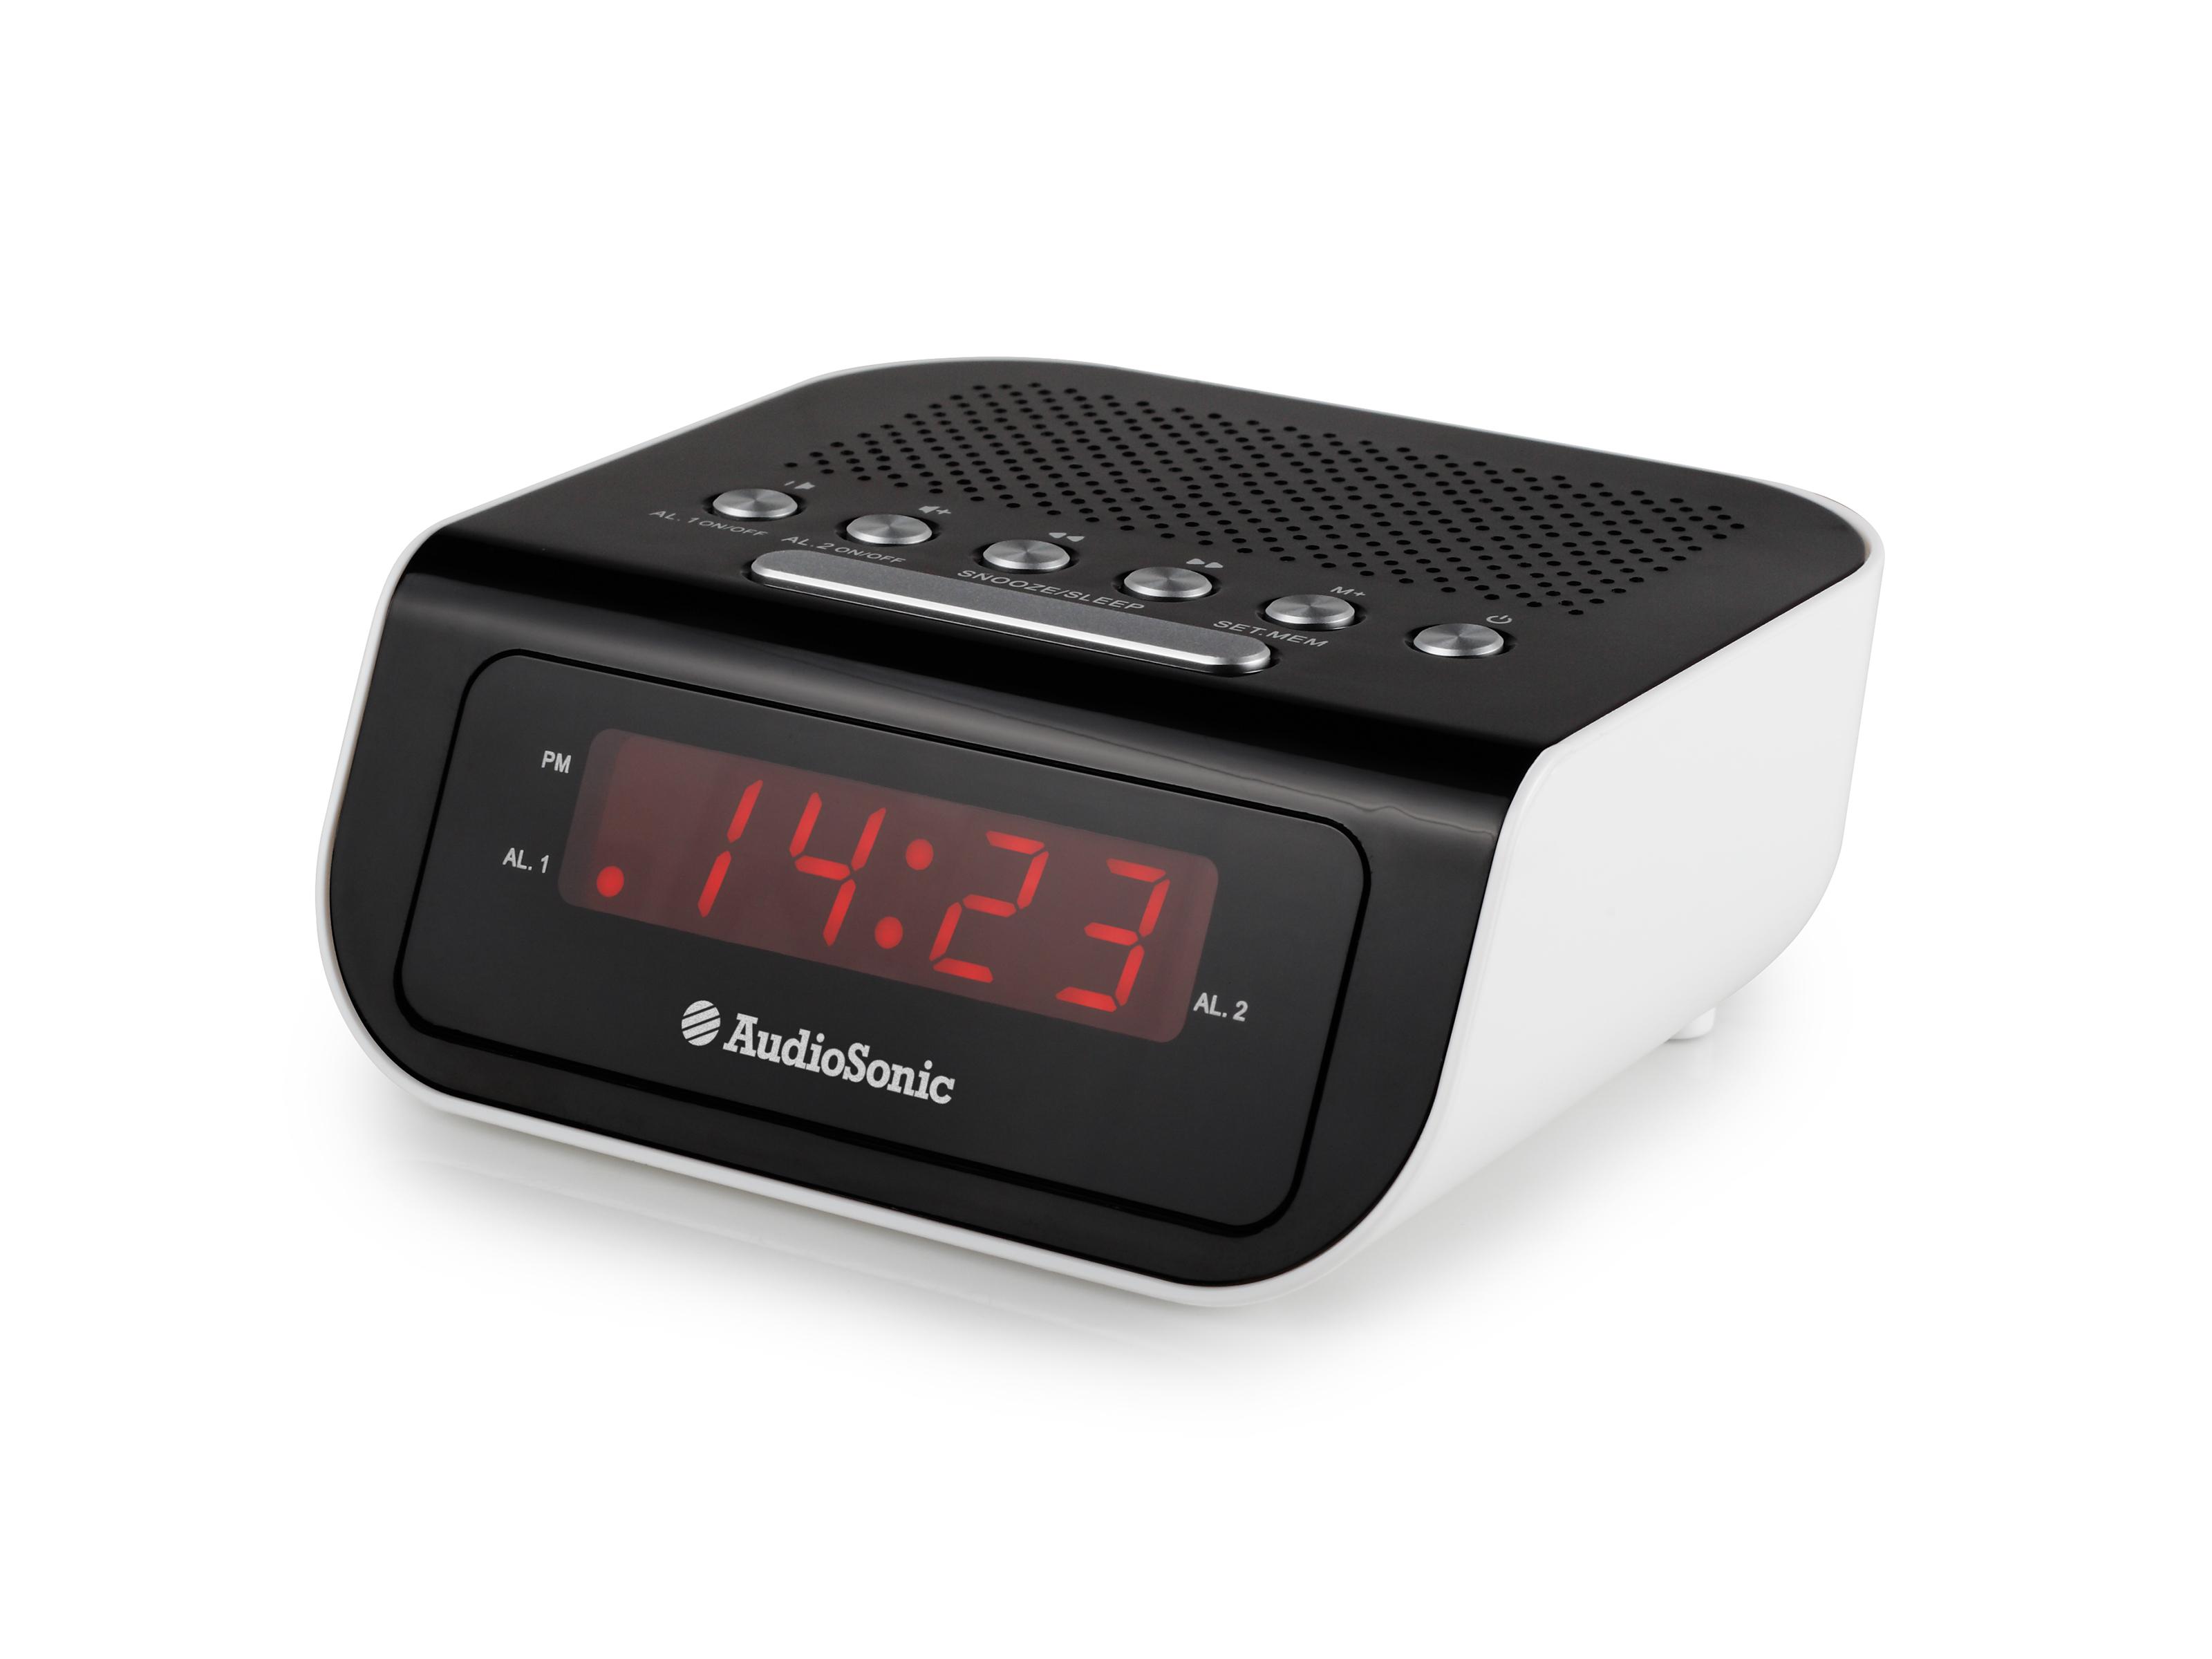 audiosonic clock radio cr-16pl manual